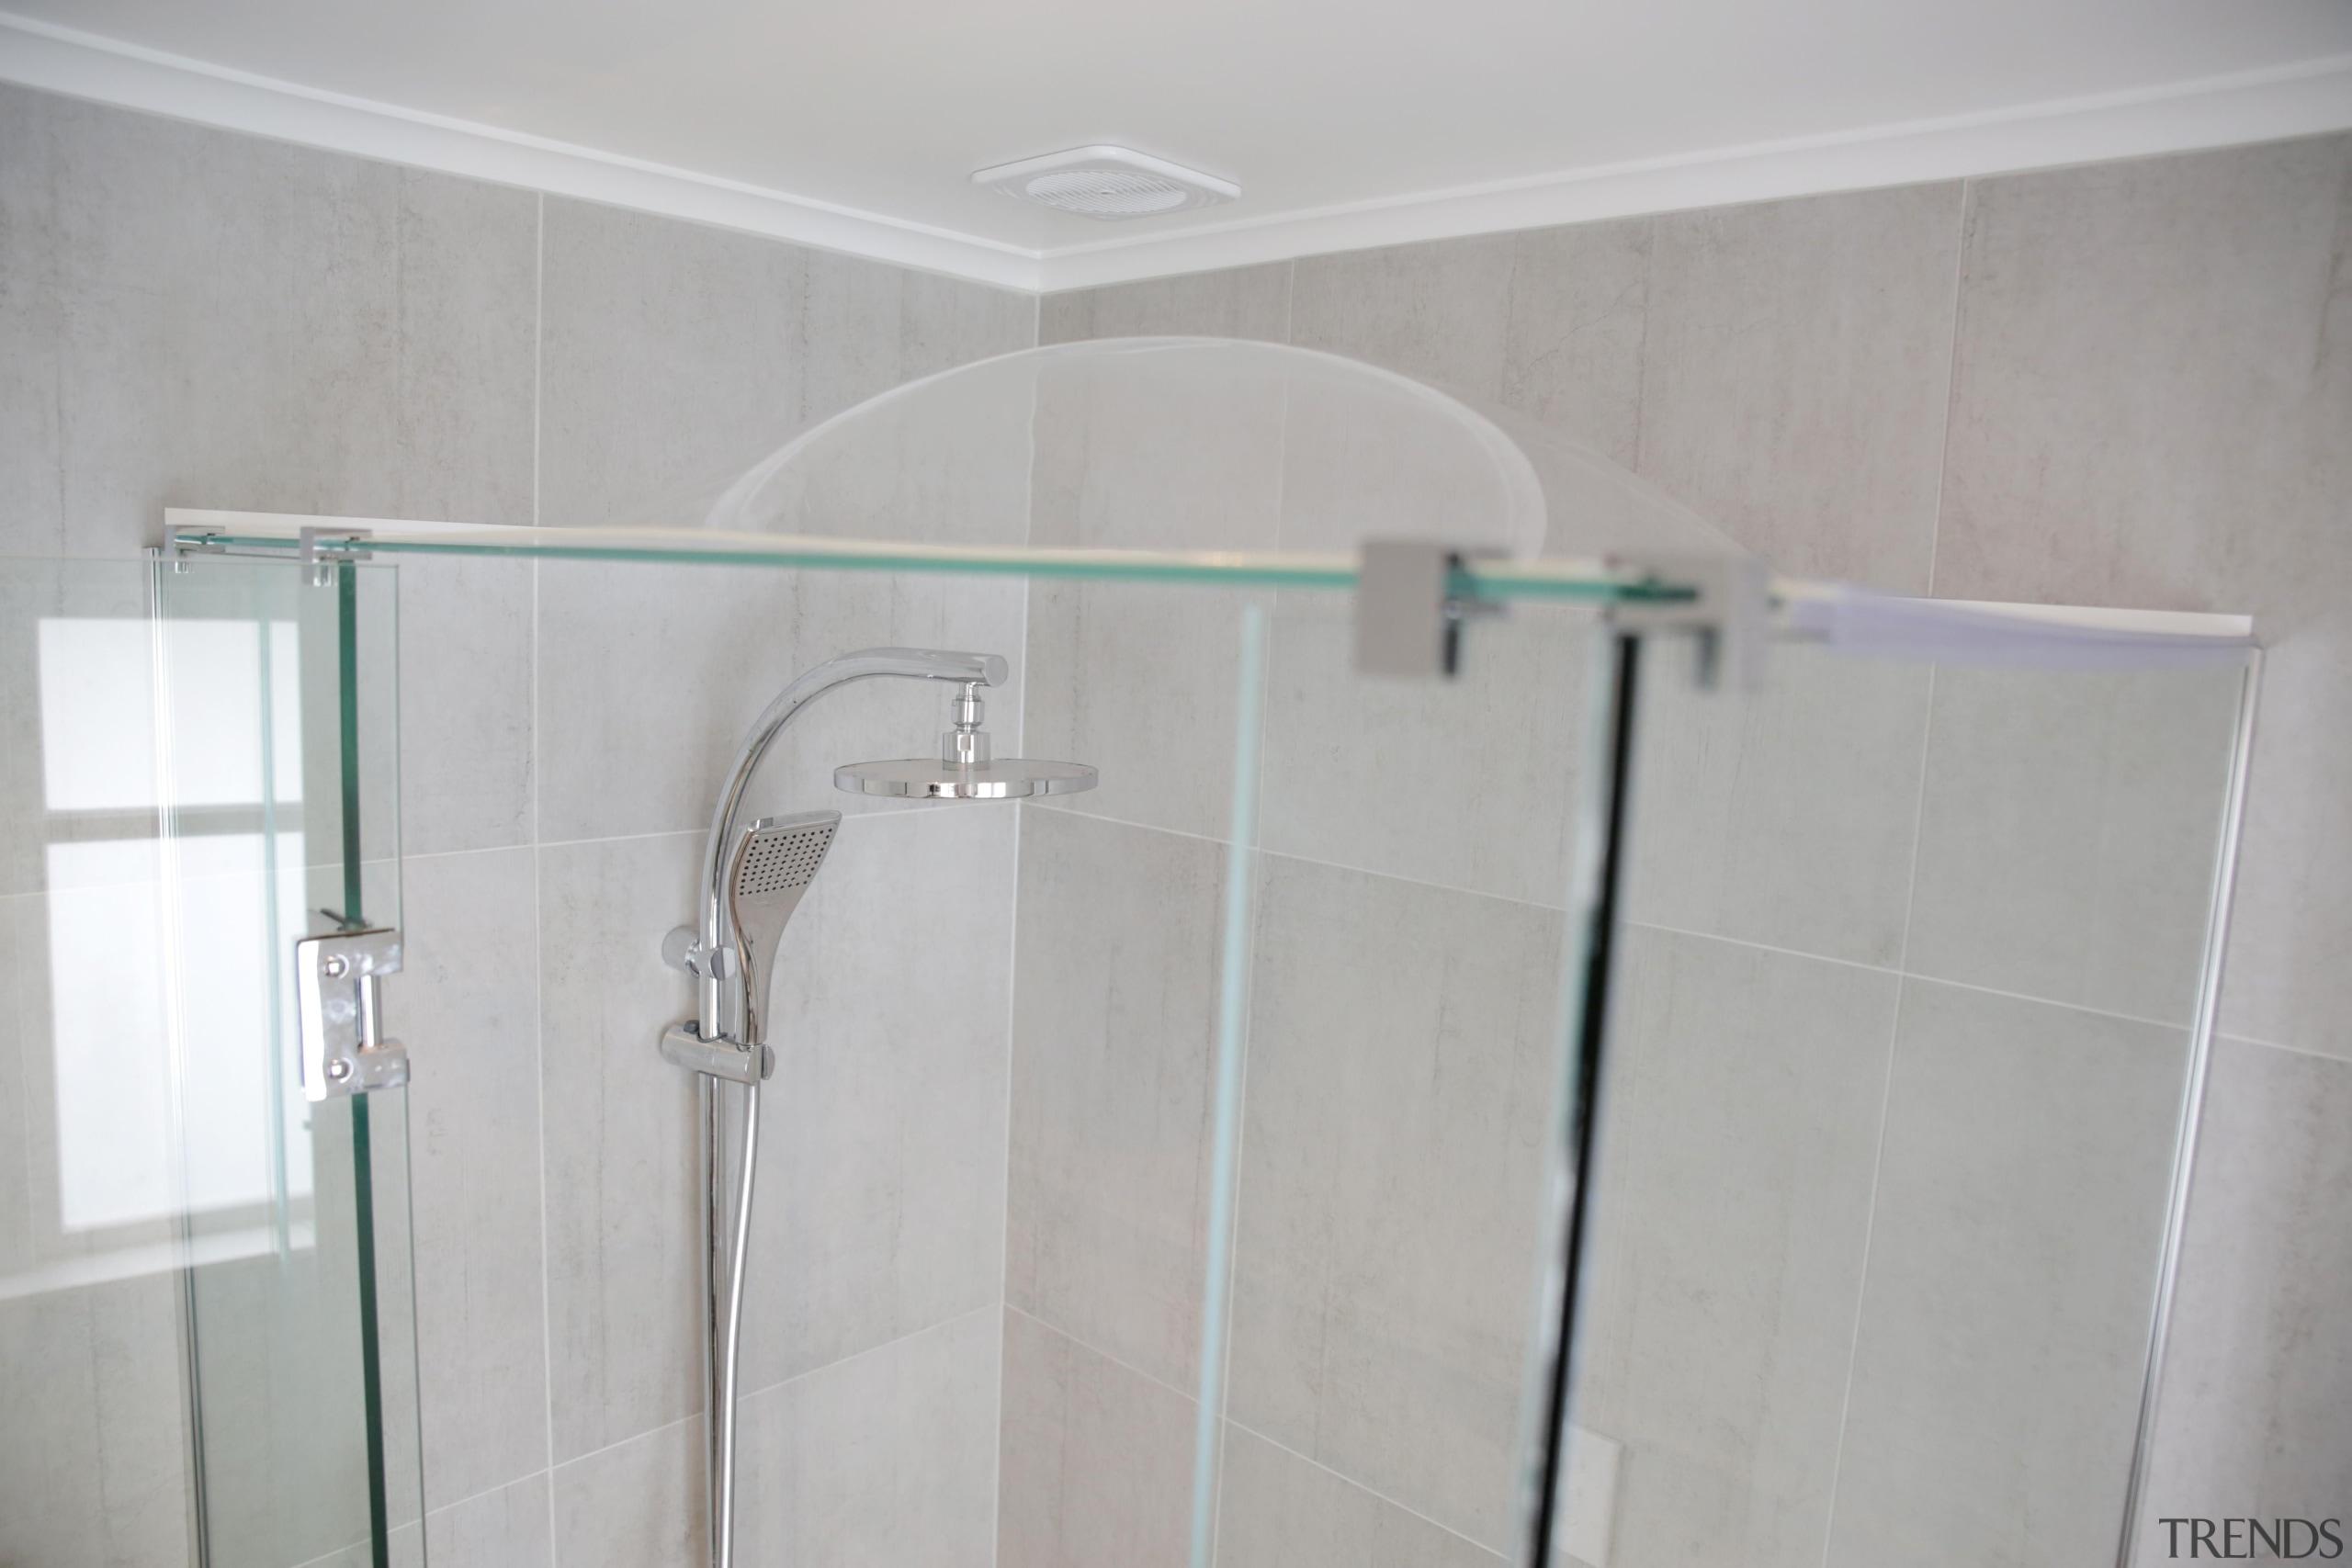 6.jpg - bathroom   glass   plumbing fixture bathroom, glass, plumbing fixture, product, product design, property, room, shower, tap, tile, gray